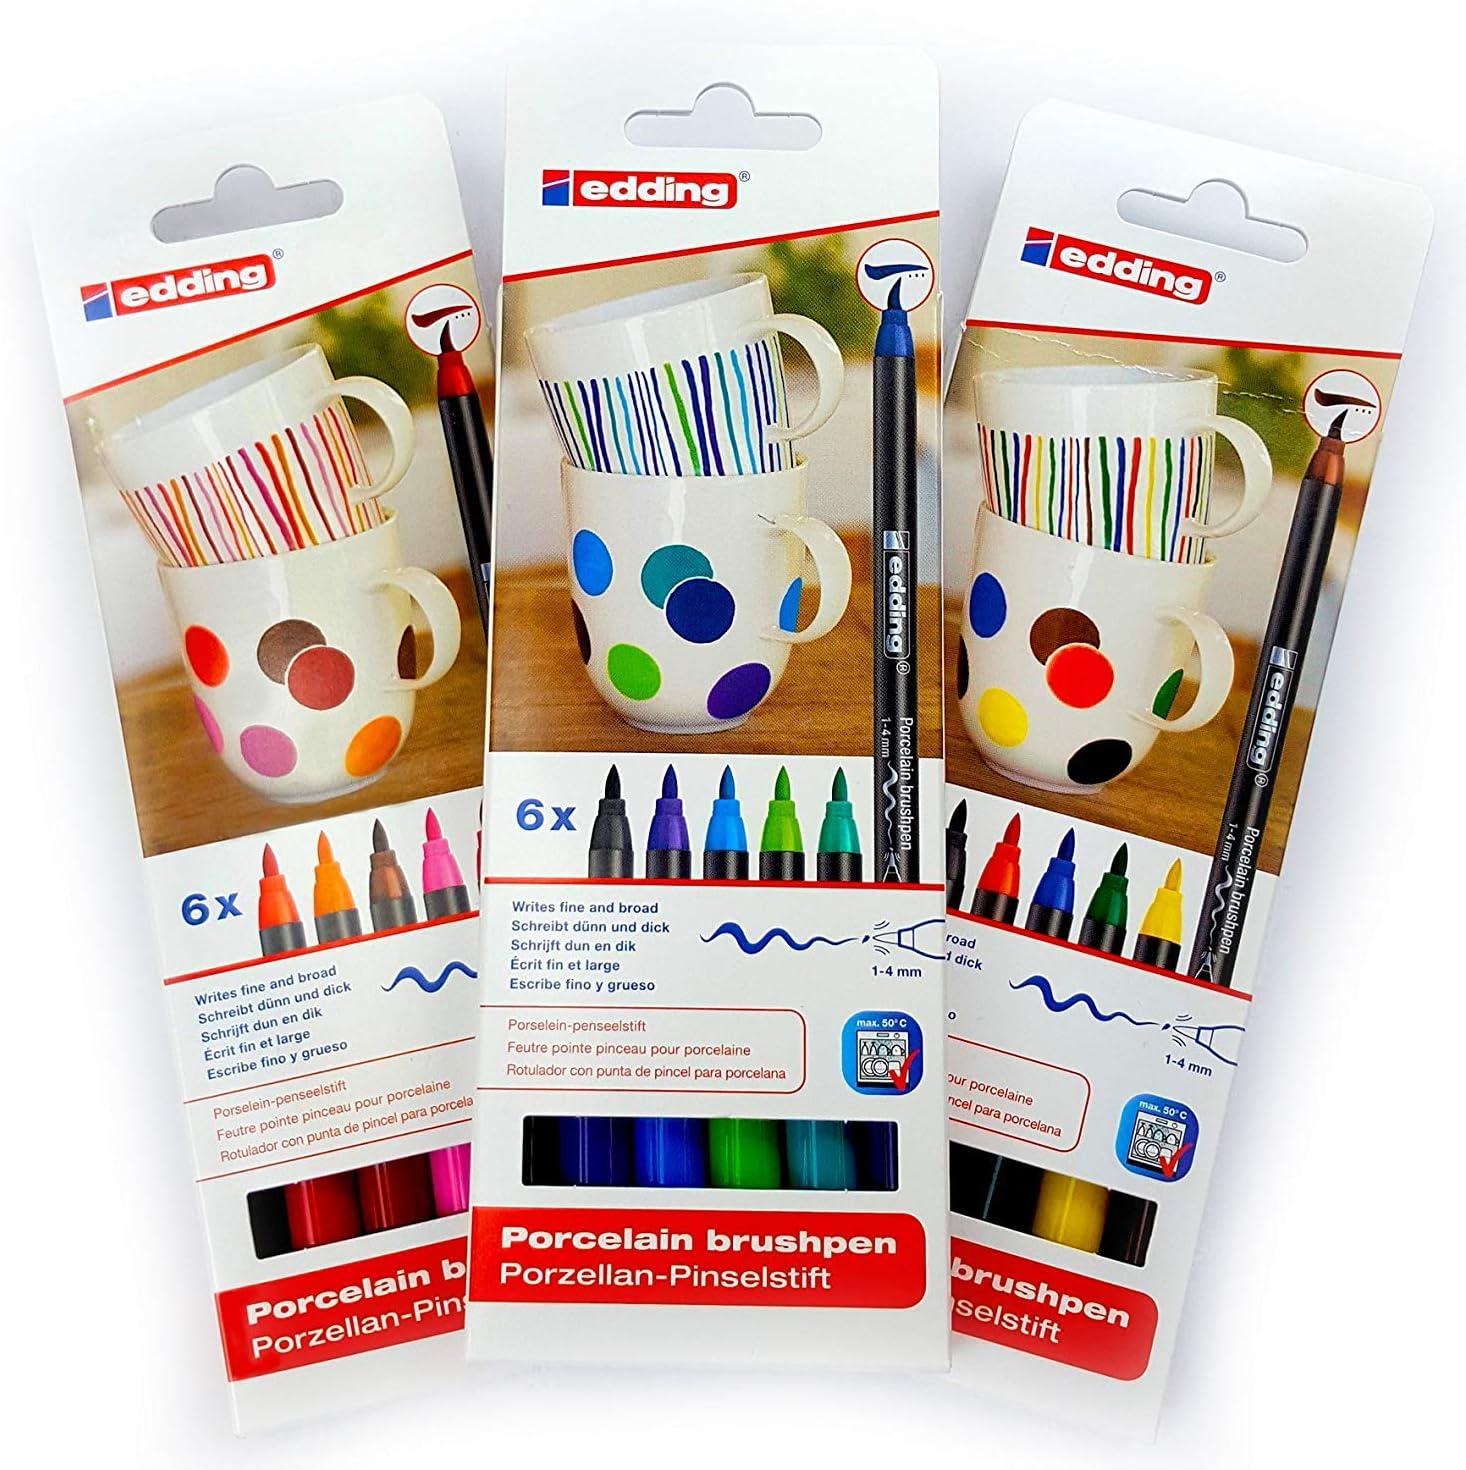 Edding 4200 Porcelain Brushpen Oven Bake Marker Pen (3 Assorted Sets)